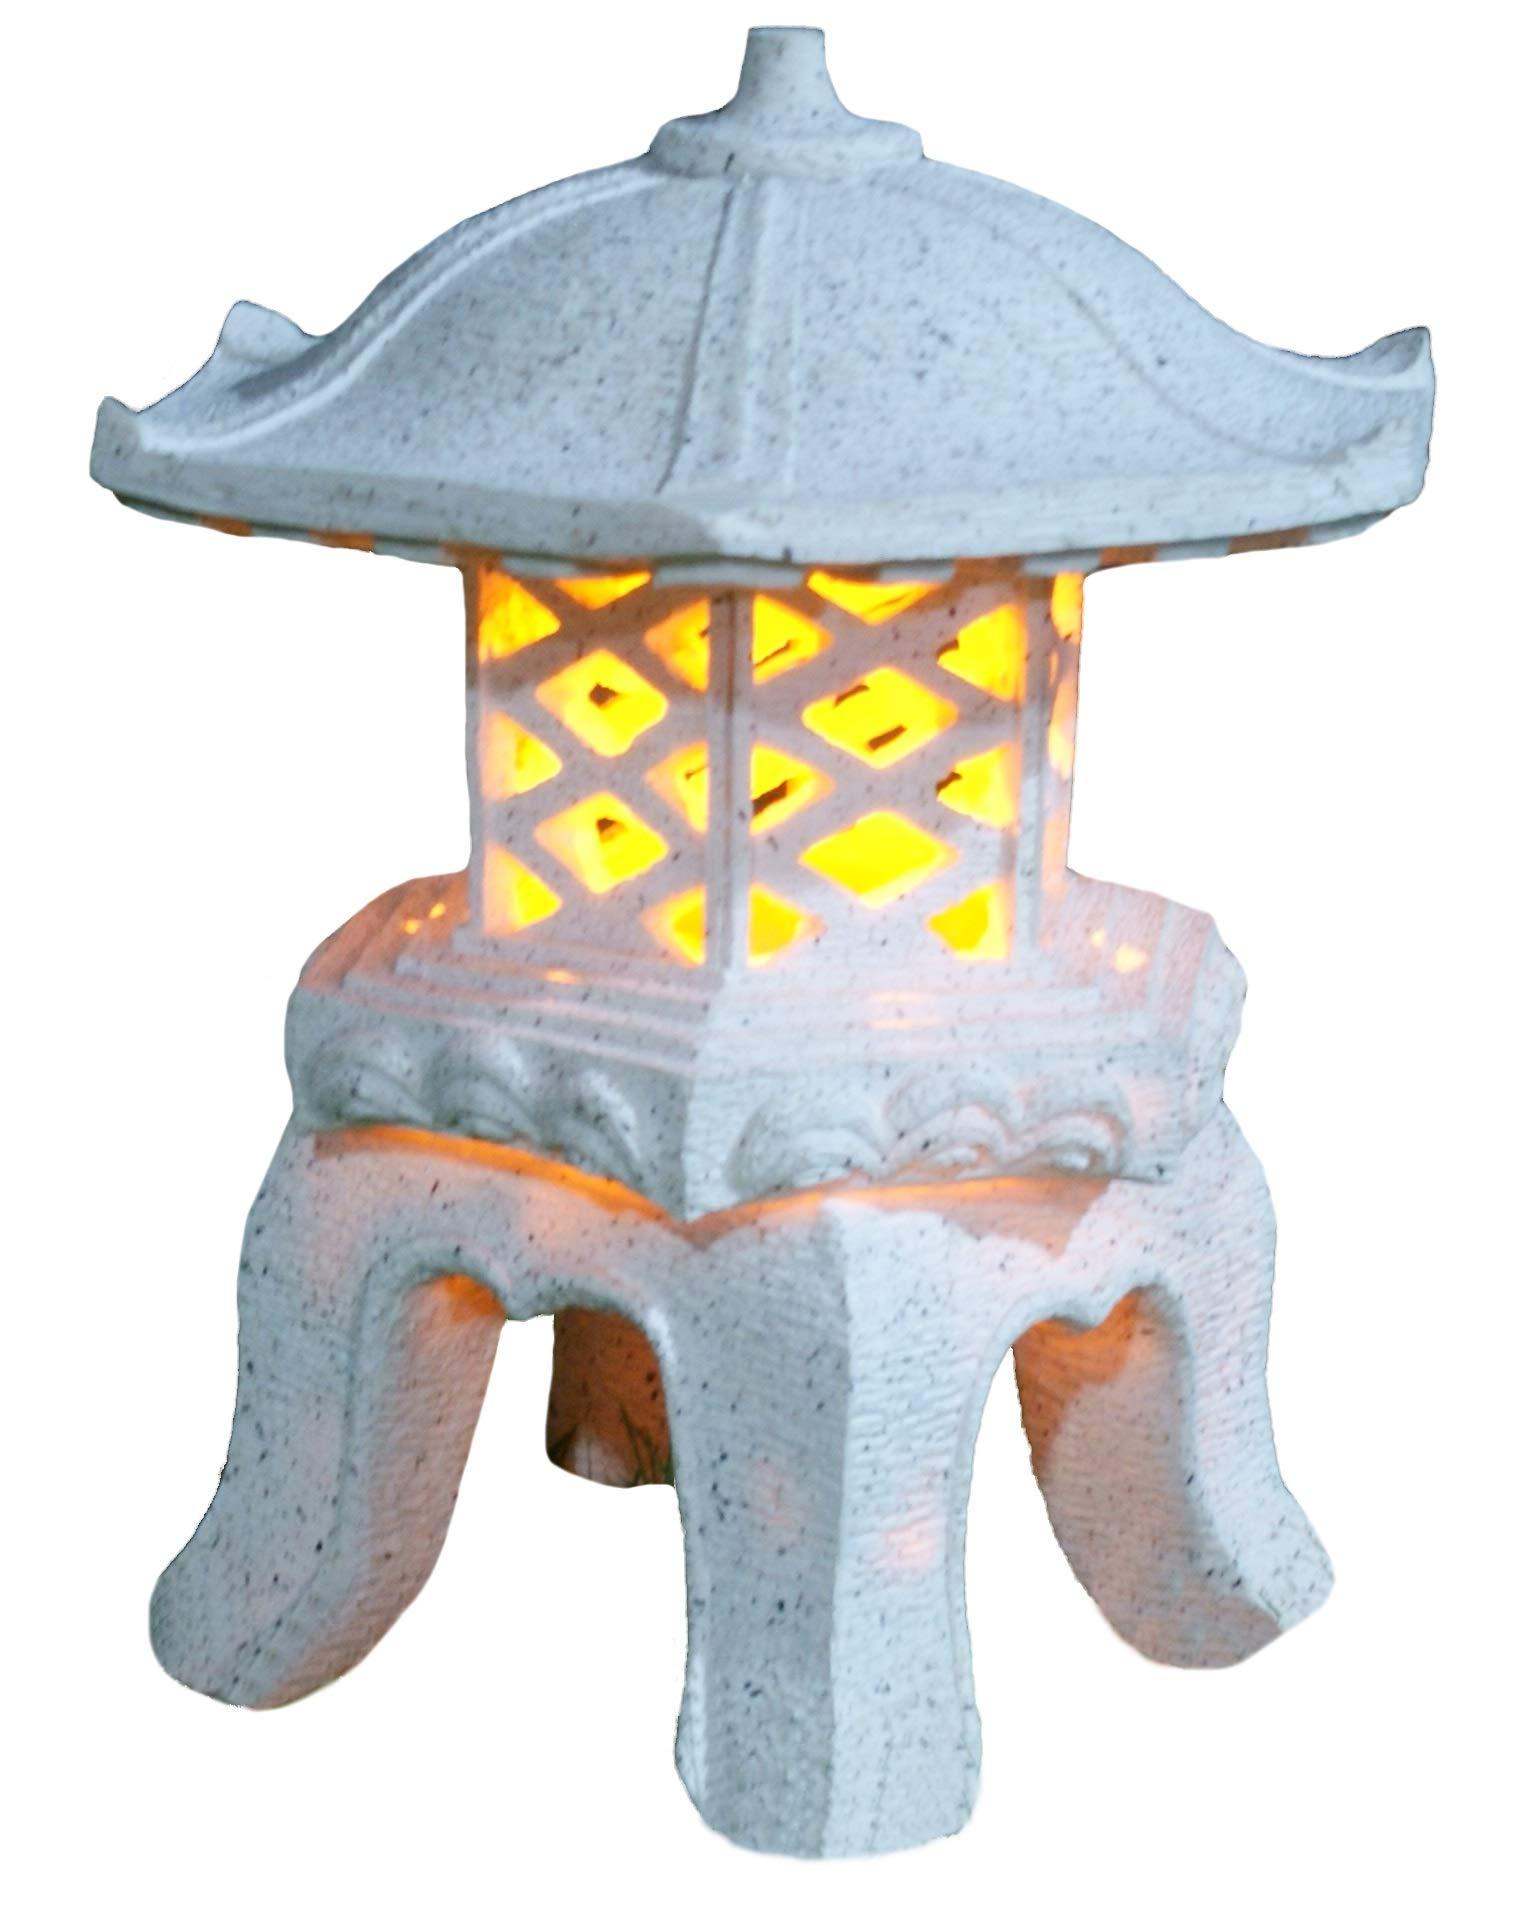 TIAAN 14''height Japanese style lantern Solar garden lamp Solar pagoda light by TIAAN